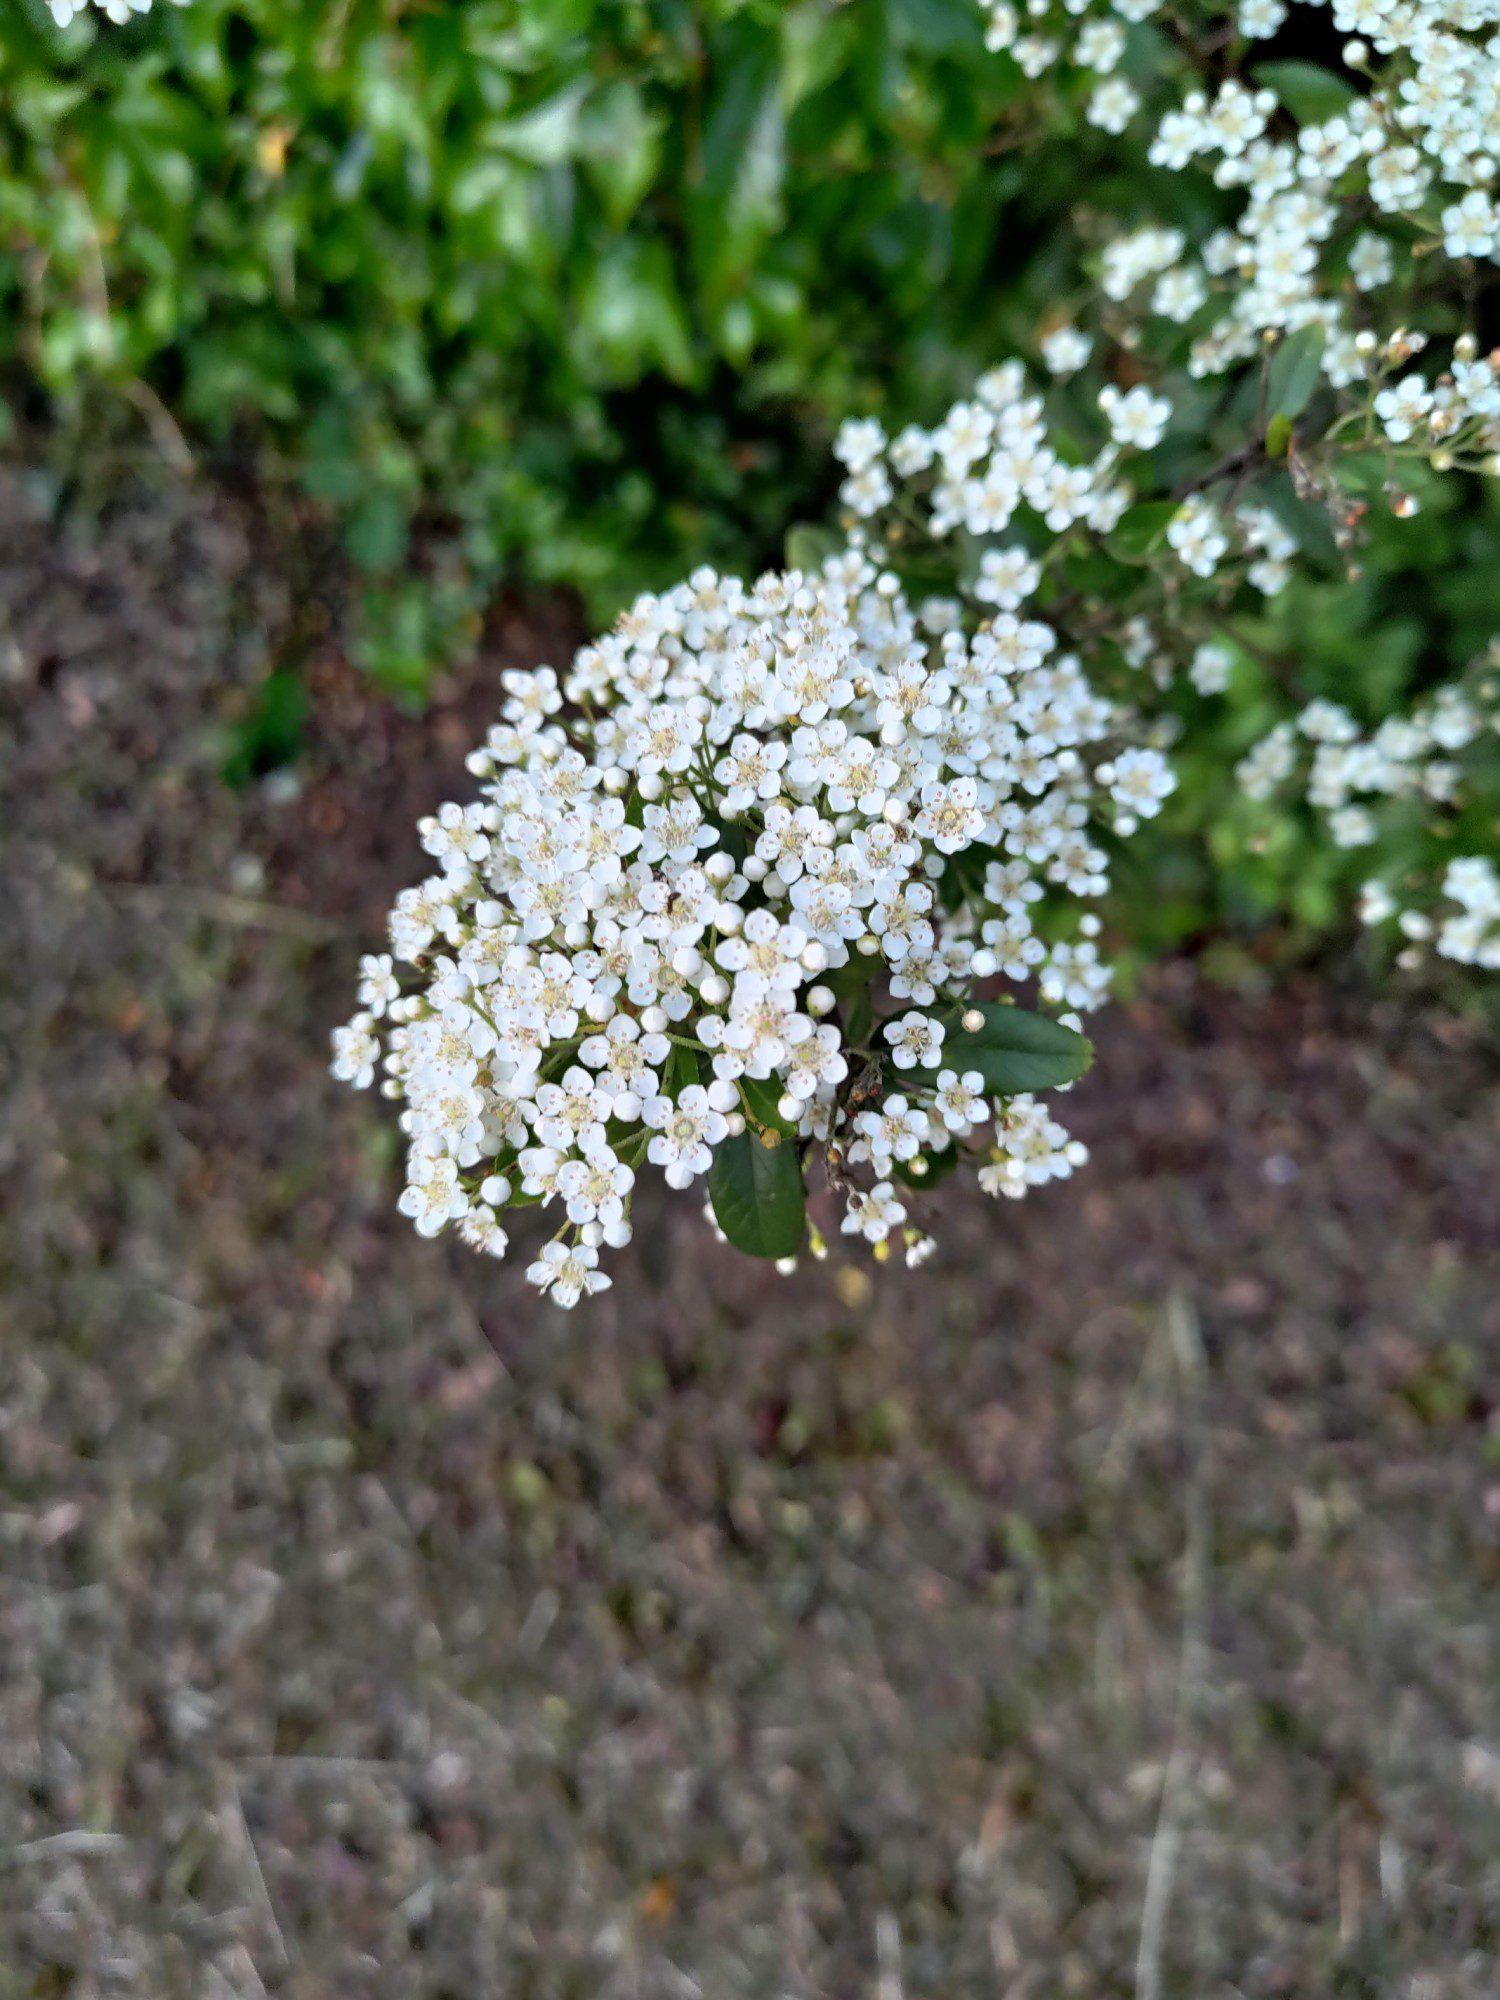 kwiat zdjęcie aparatem zenfone 8